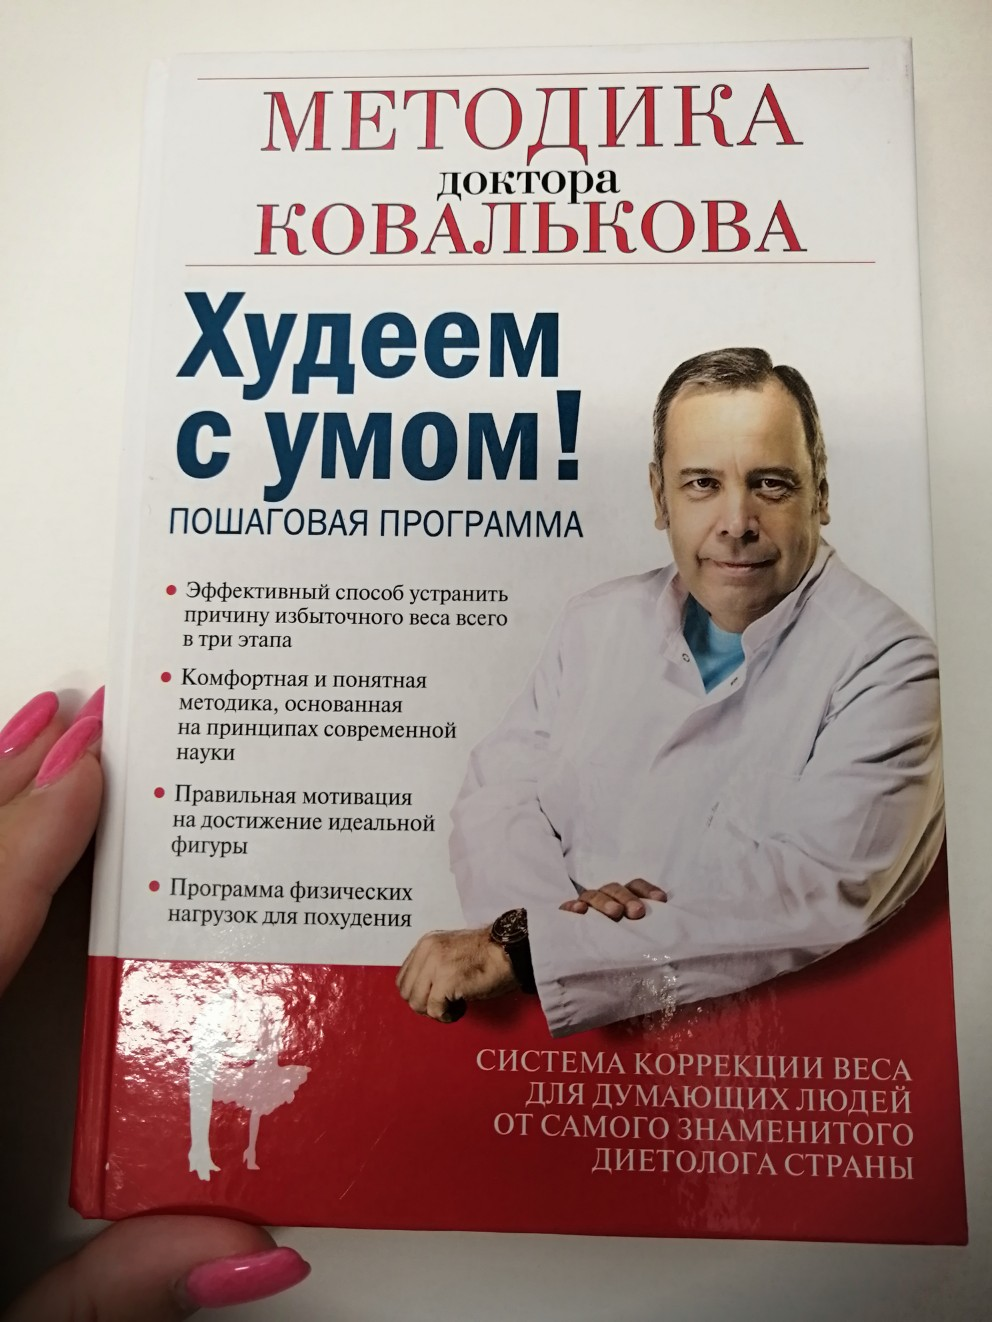 2 Этап Похудения По Ковалькову. Методика похудения доктора Ковалькова поэтапно с меню